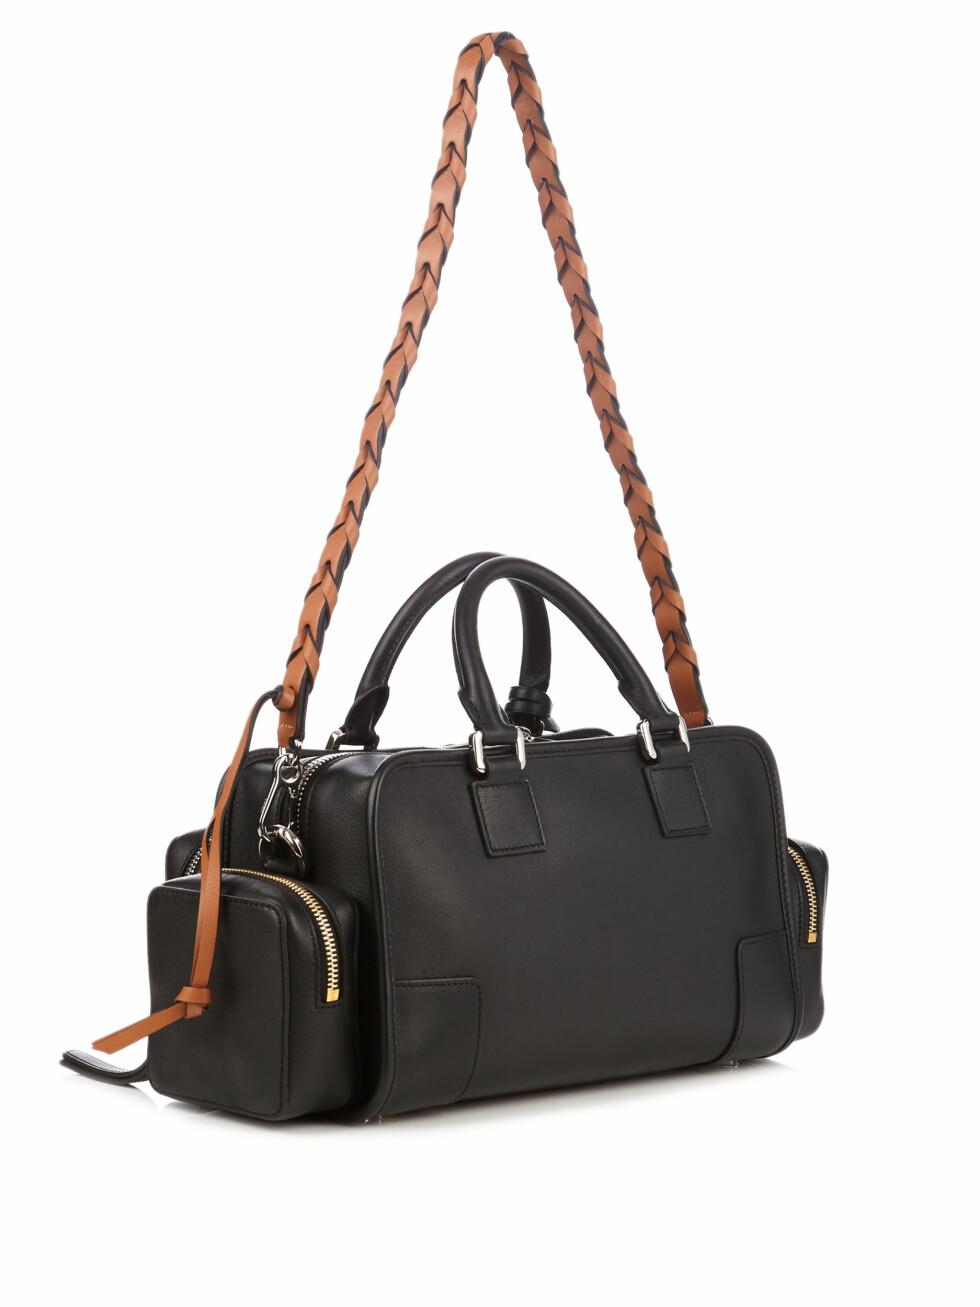 Veske fra Loewe via Matchesfashion.com | kr 15855 | http://www.matchesfashion.com/intl/products/Loewe-Amazona-28-Pockets-leather-tote-1066311